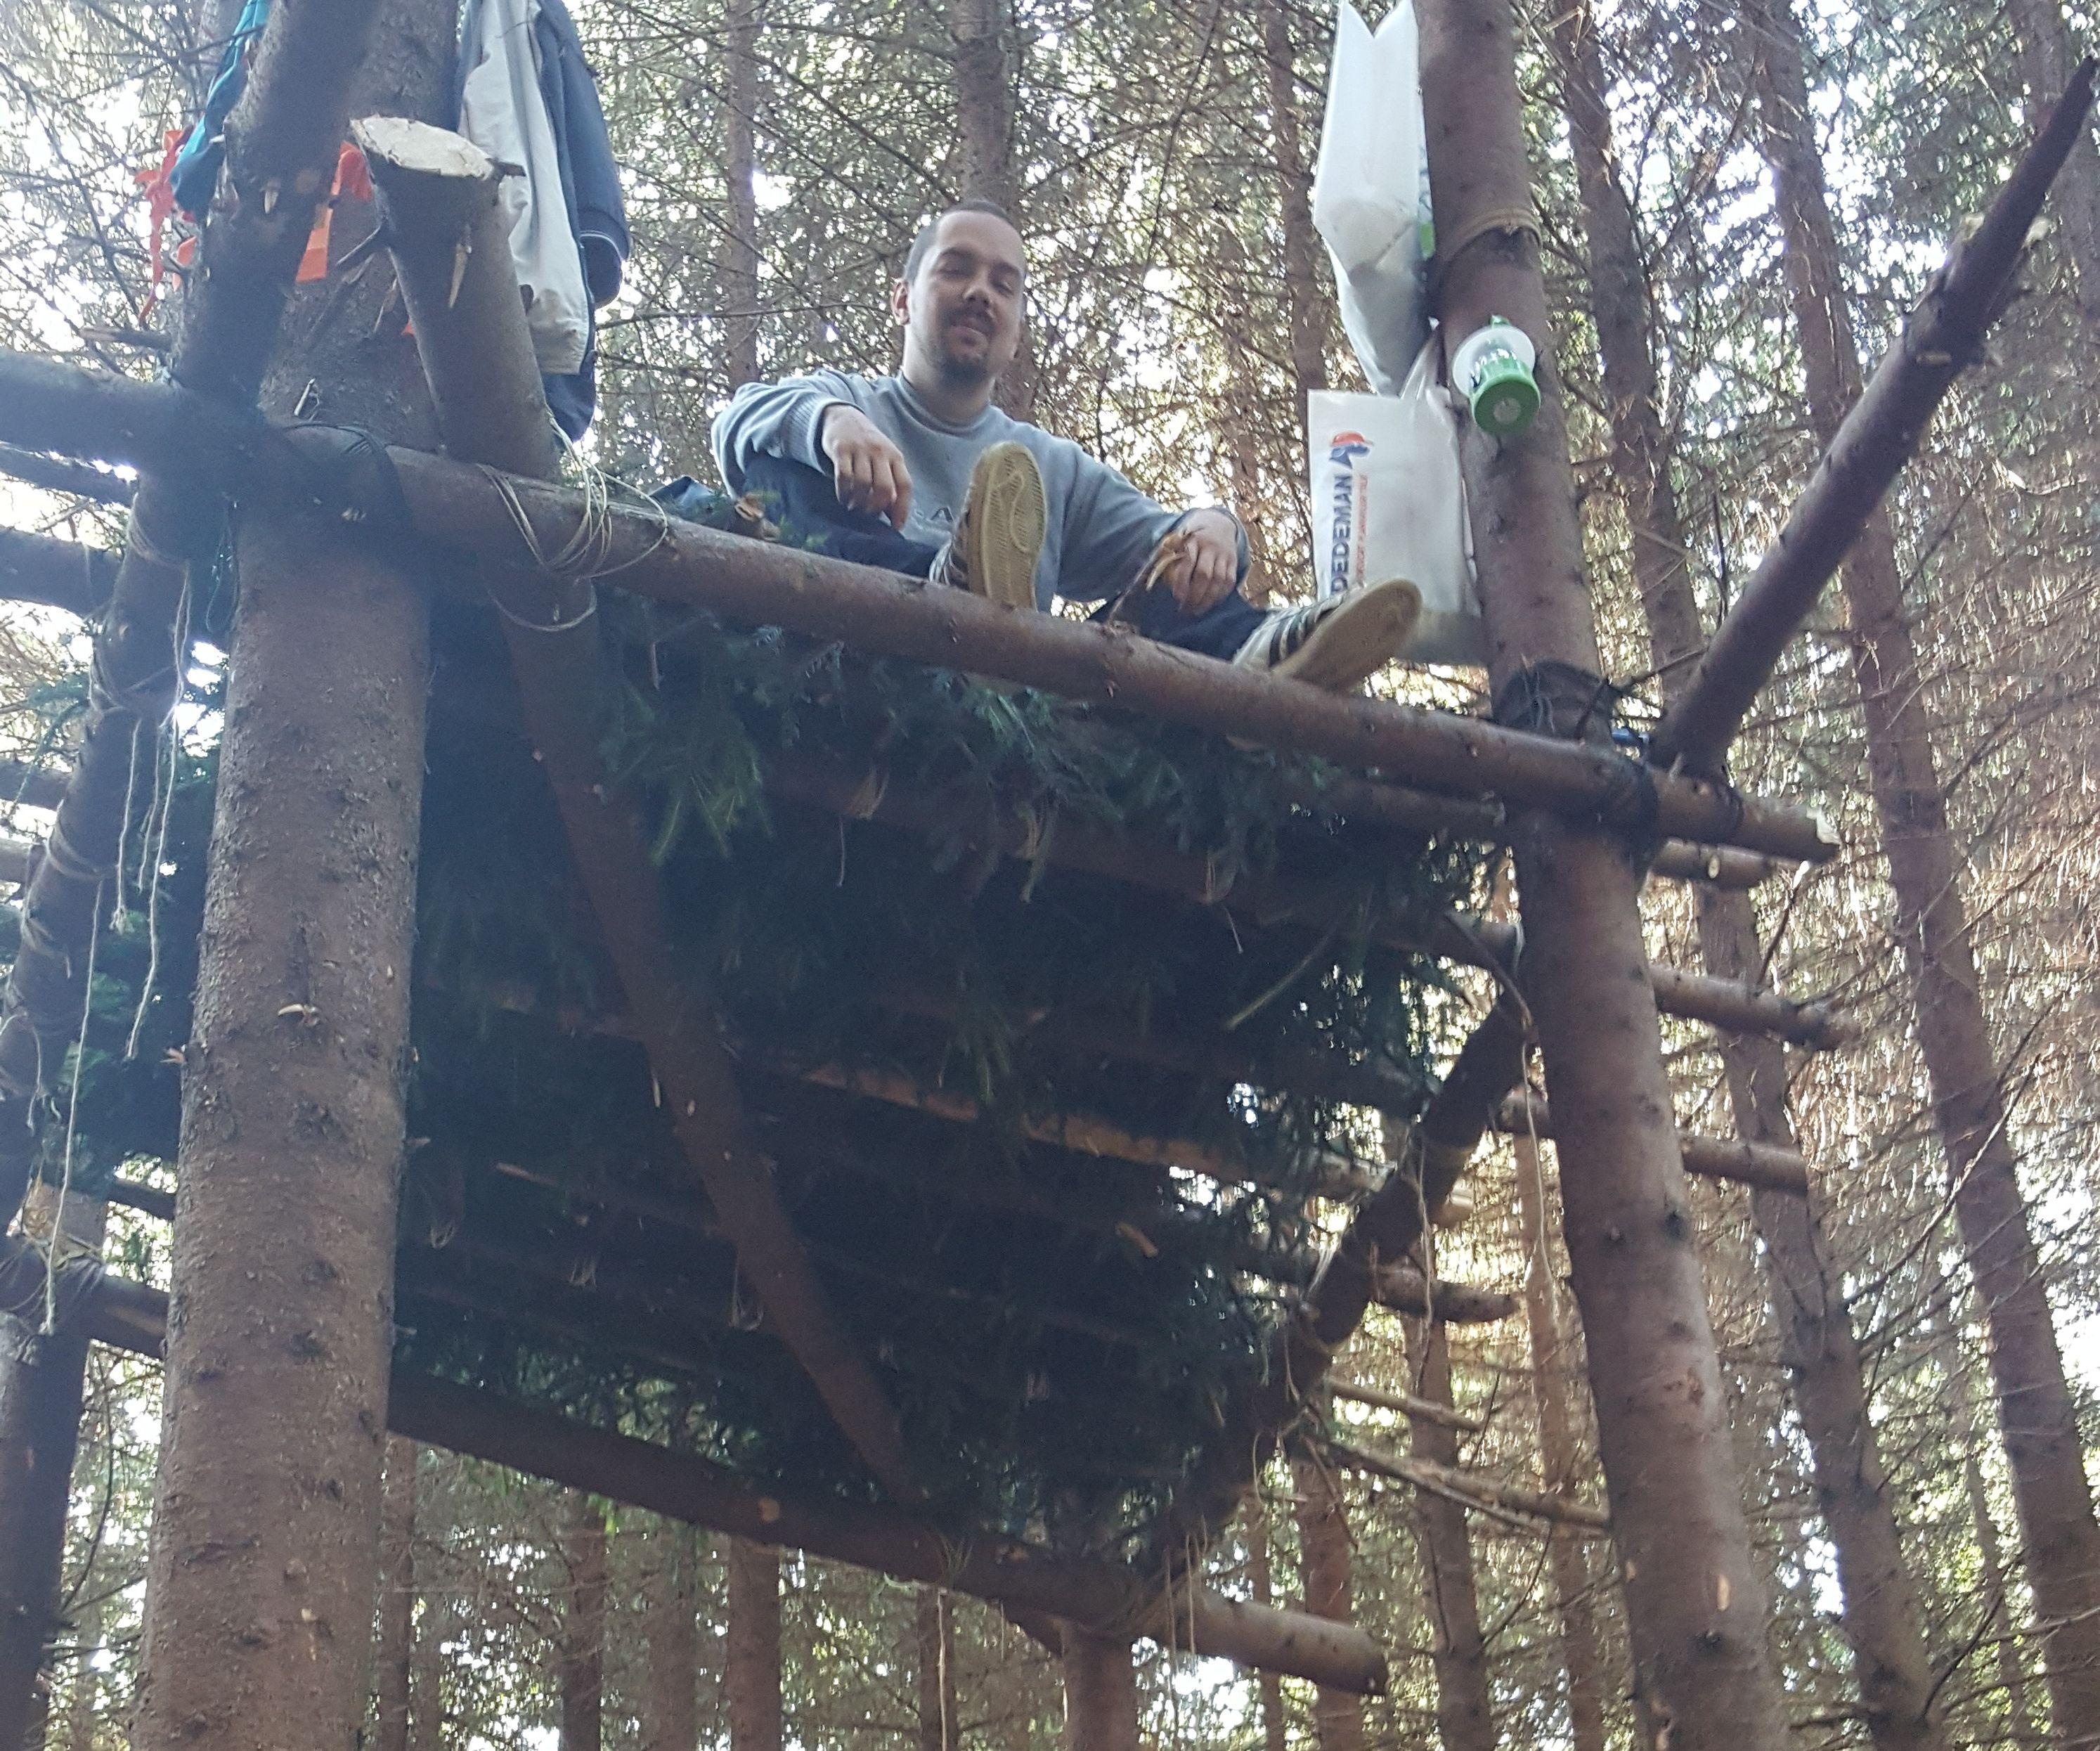 Tree platform